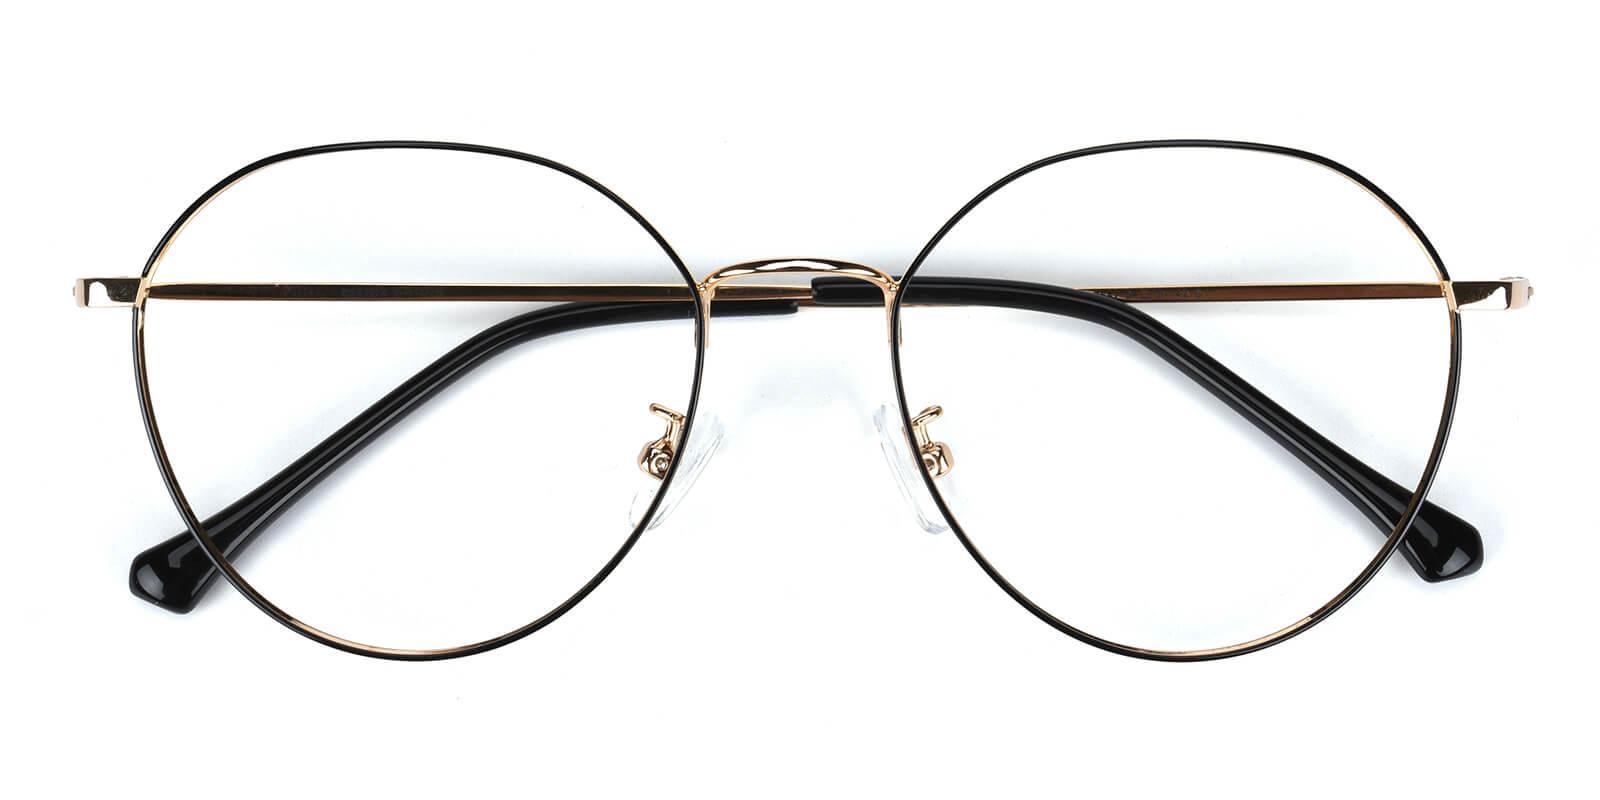 Maya-Multicolor-Round-Metal-Eyeglasses-detail